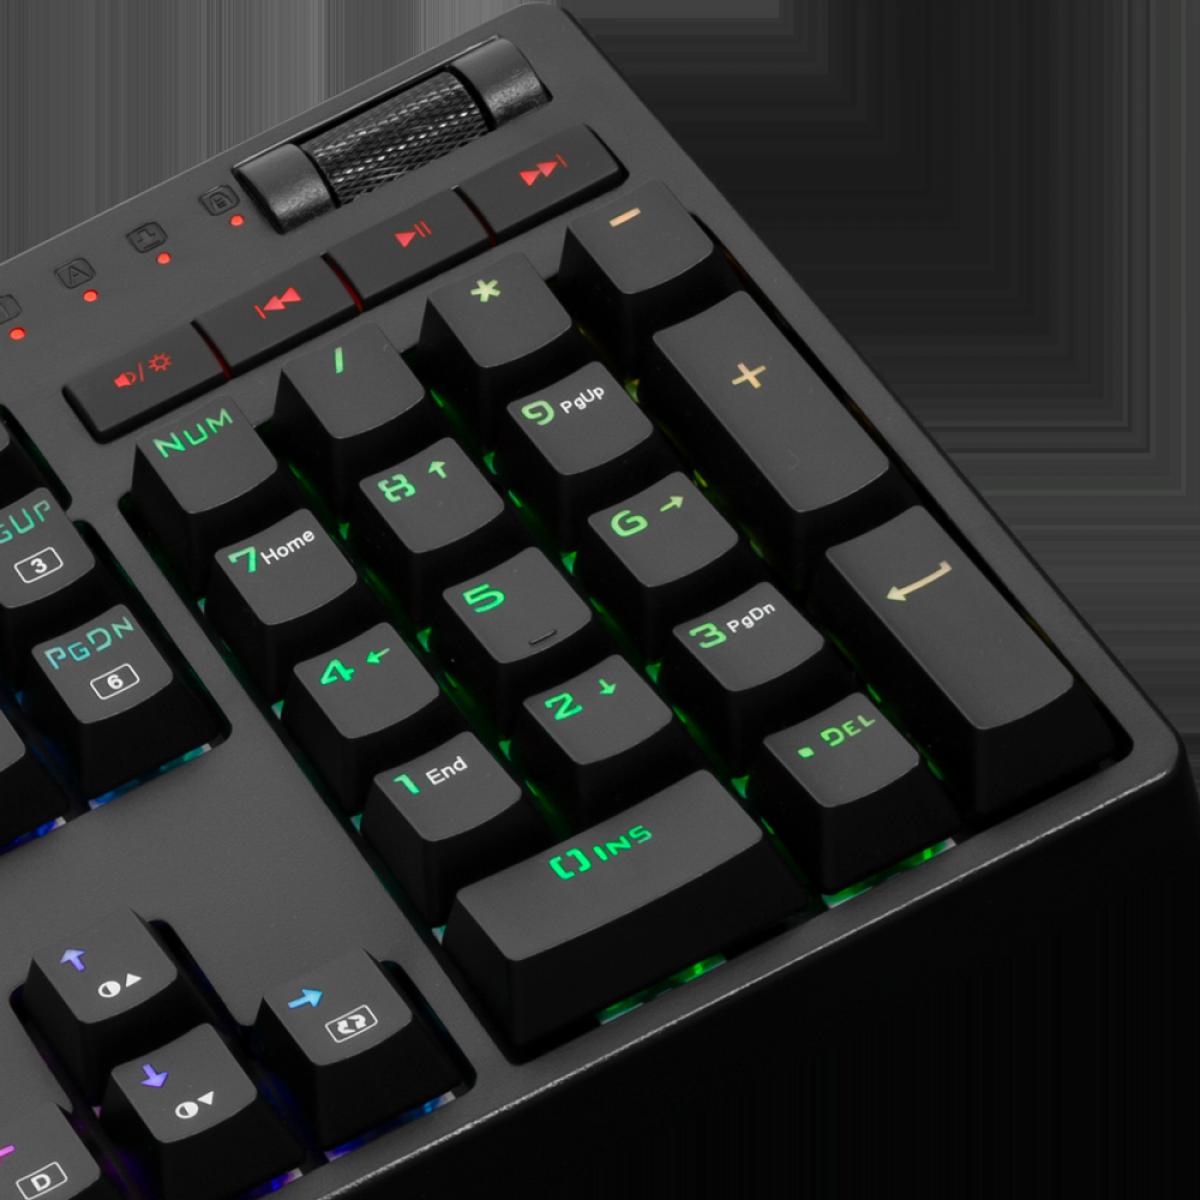 Teclado Mecânico Gamer Redragon K579 Manyu RGB, Switch Blue, ABNT2, Black, K579